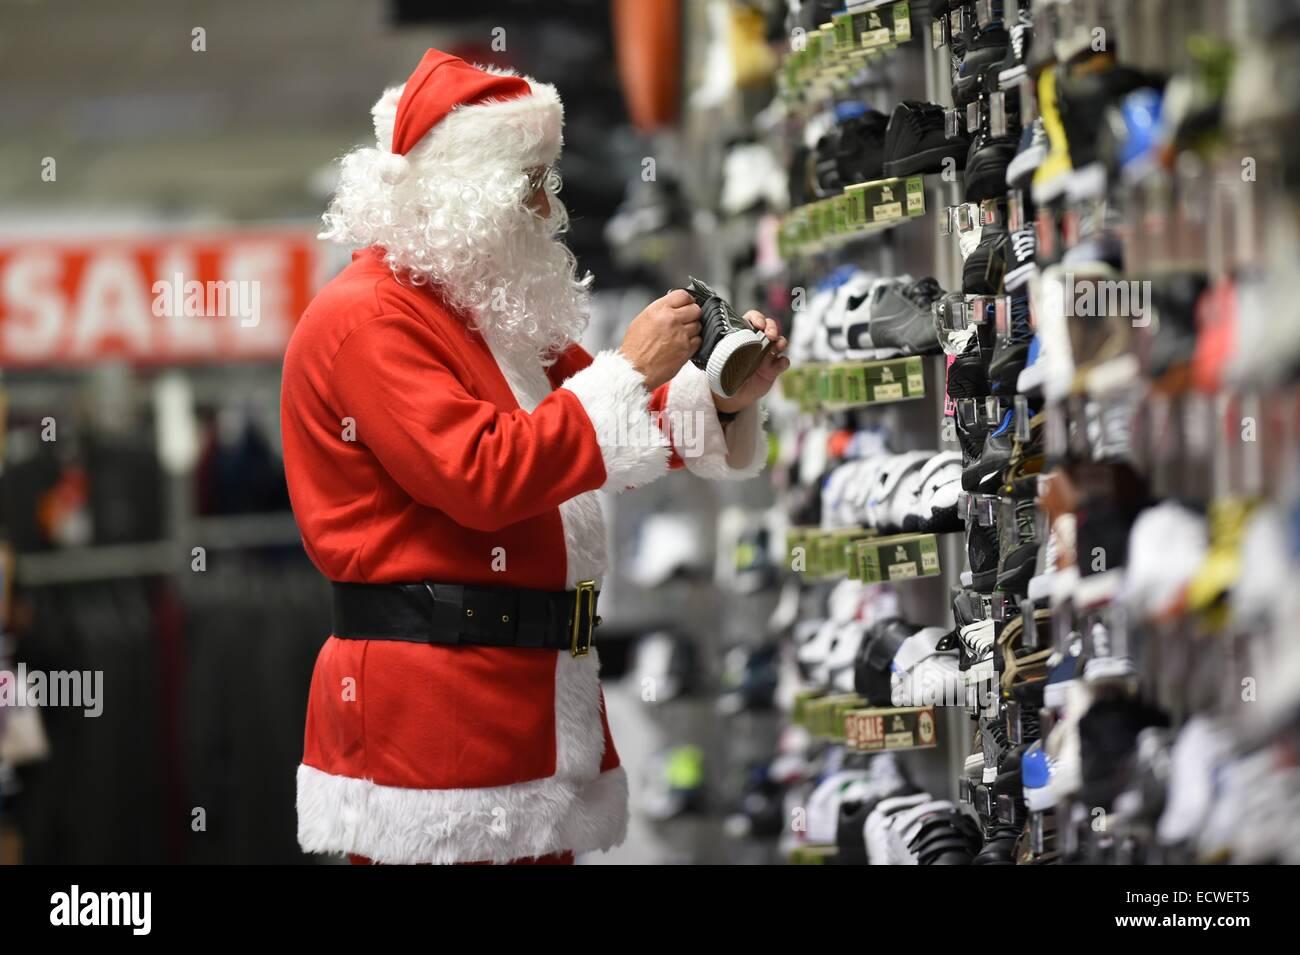 Aberystwyth, Wales, UK. 20. Dezember 2014. Shopping für einige Last-Minute-Schnäppchen in einem Zweig Stockbild